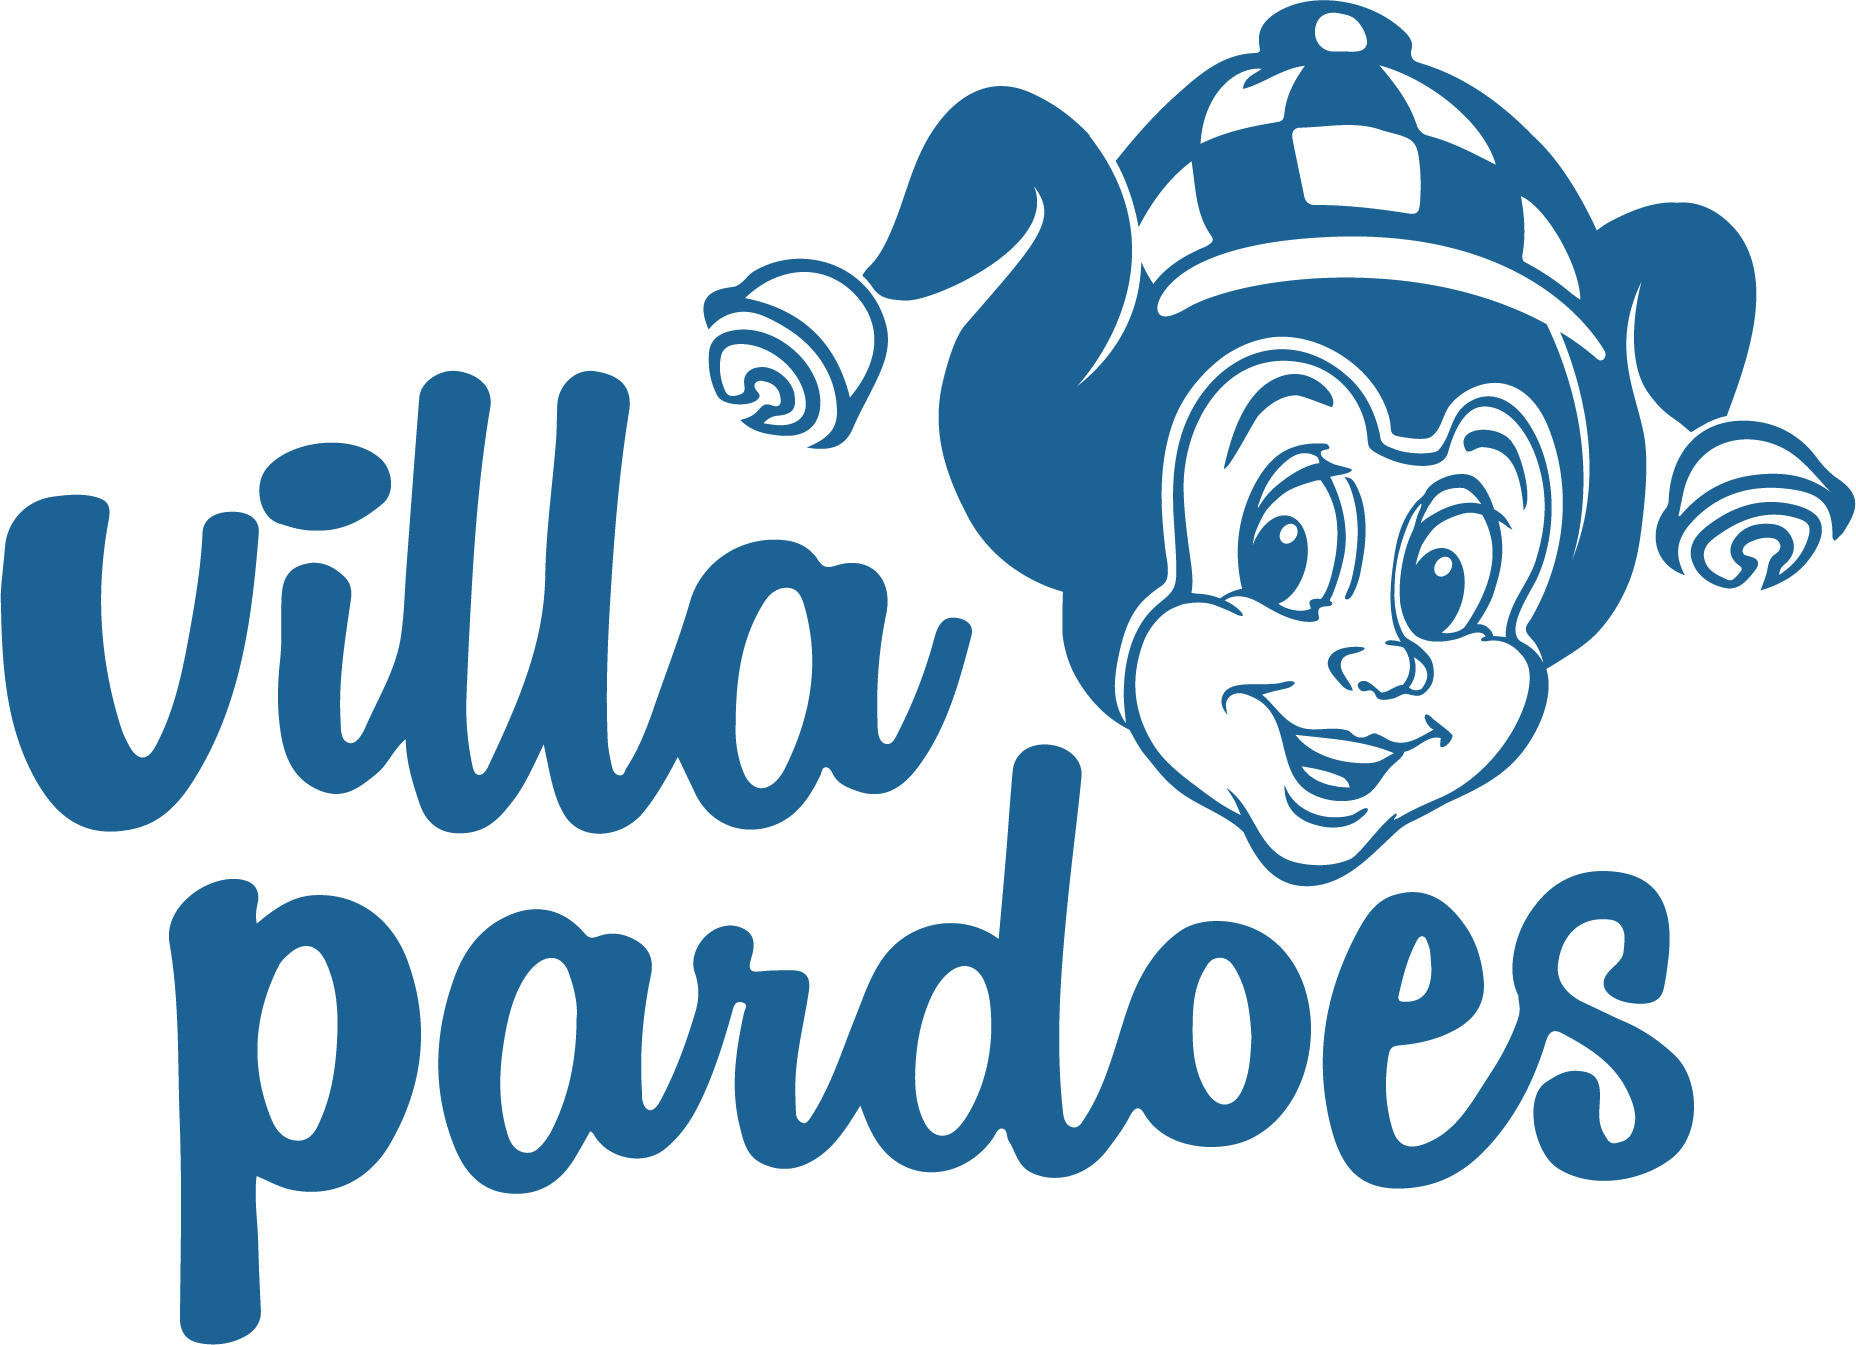 Villa Pardoes Logo